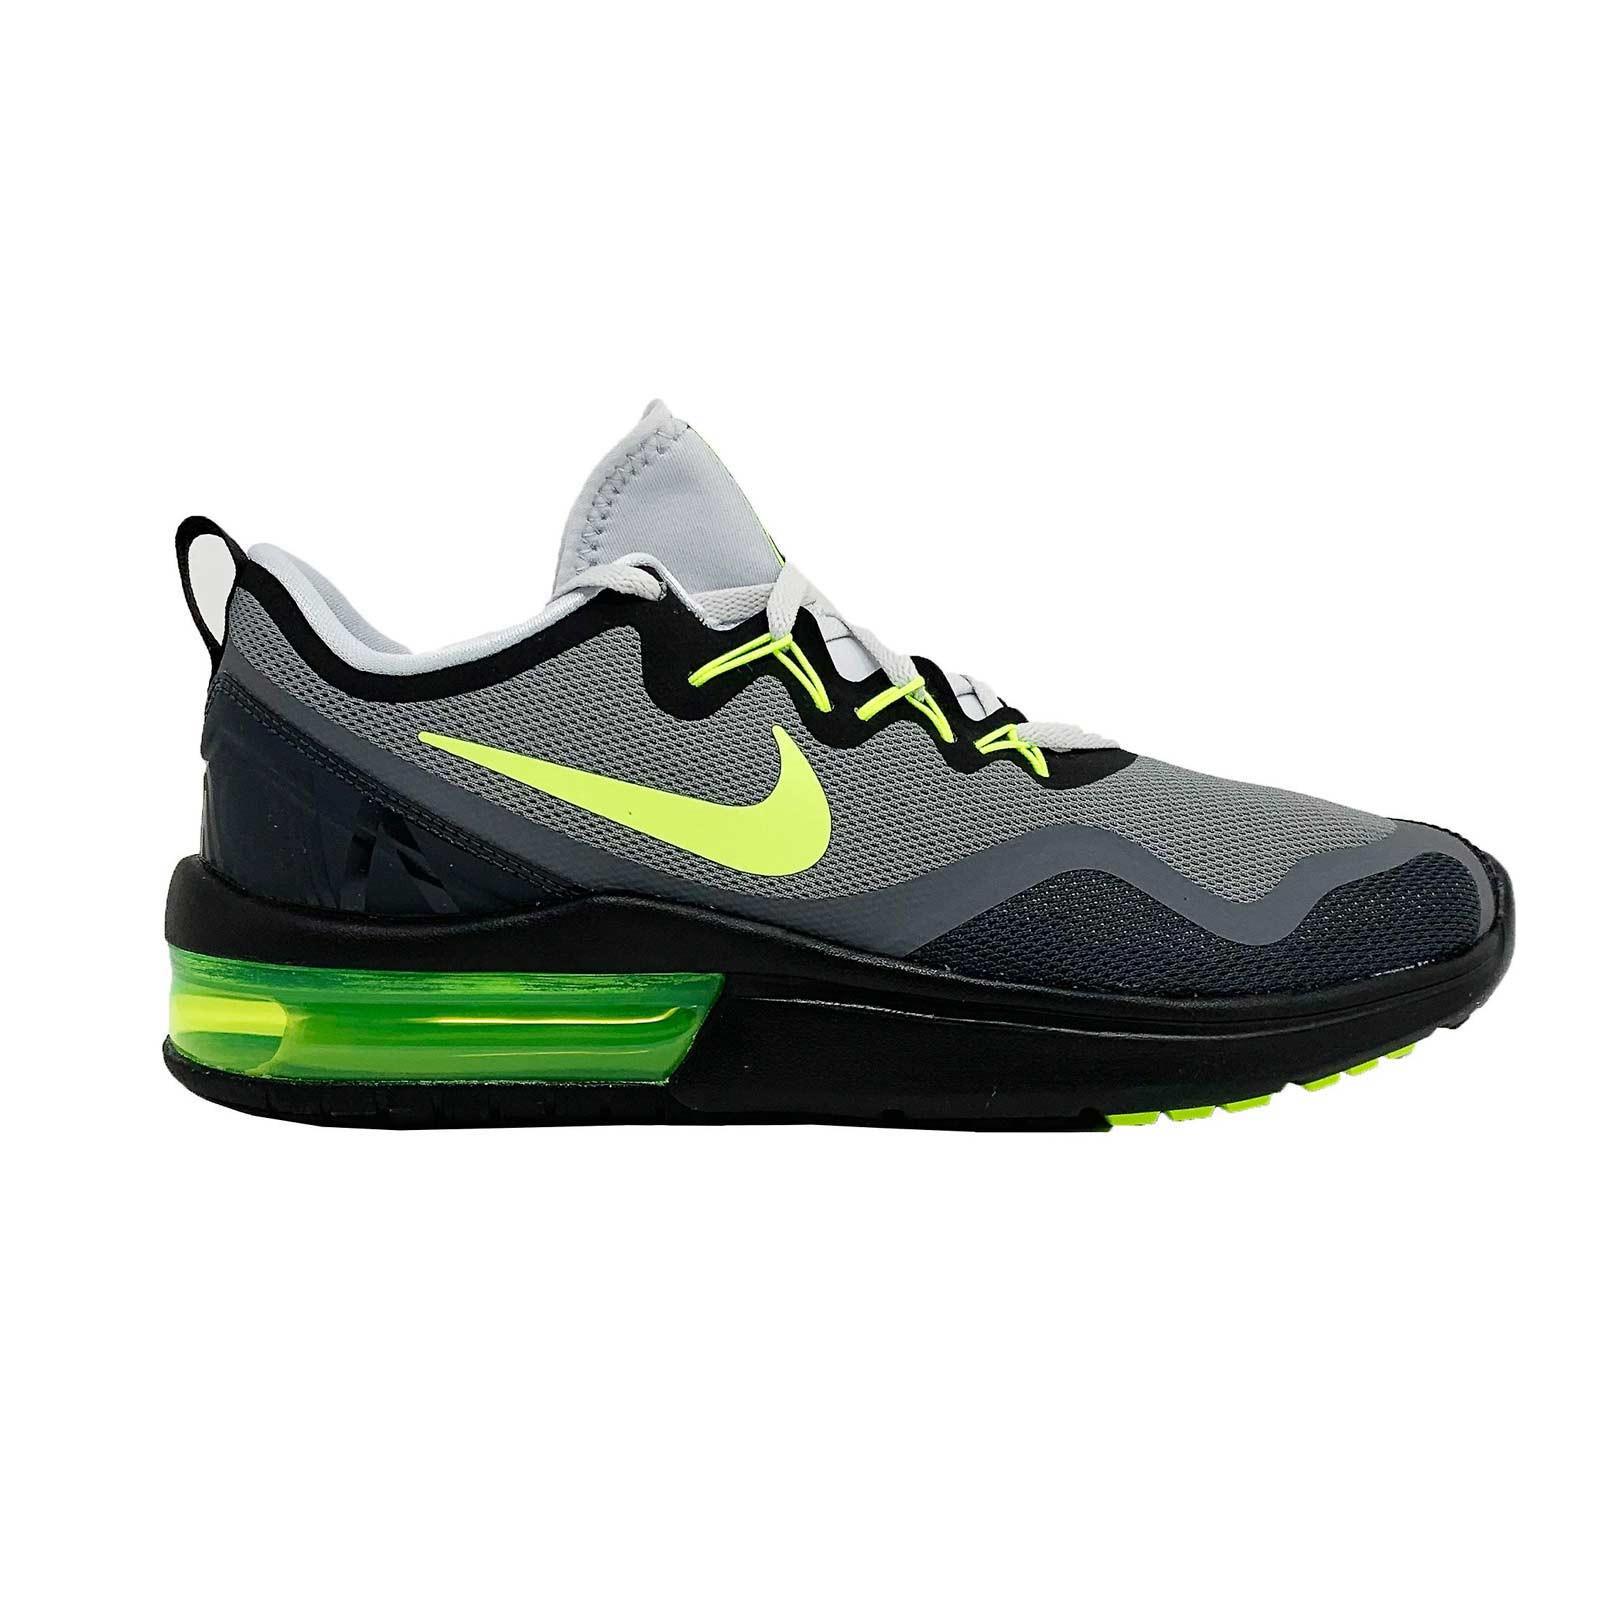 Facturable nacionalismo Desviar  Zapatillas Nike Air Max Fury Running para Hombre | Runa Store